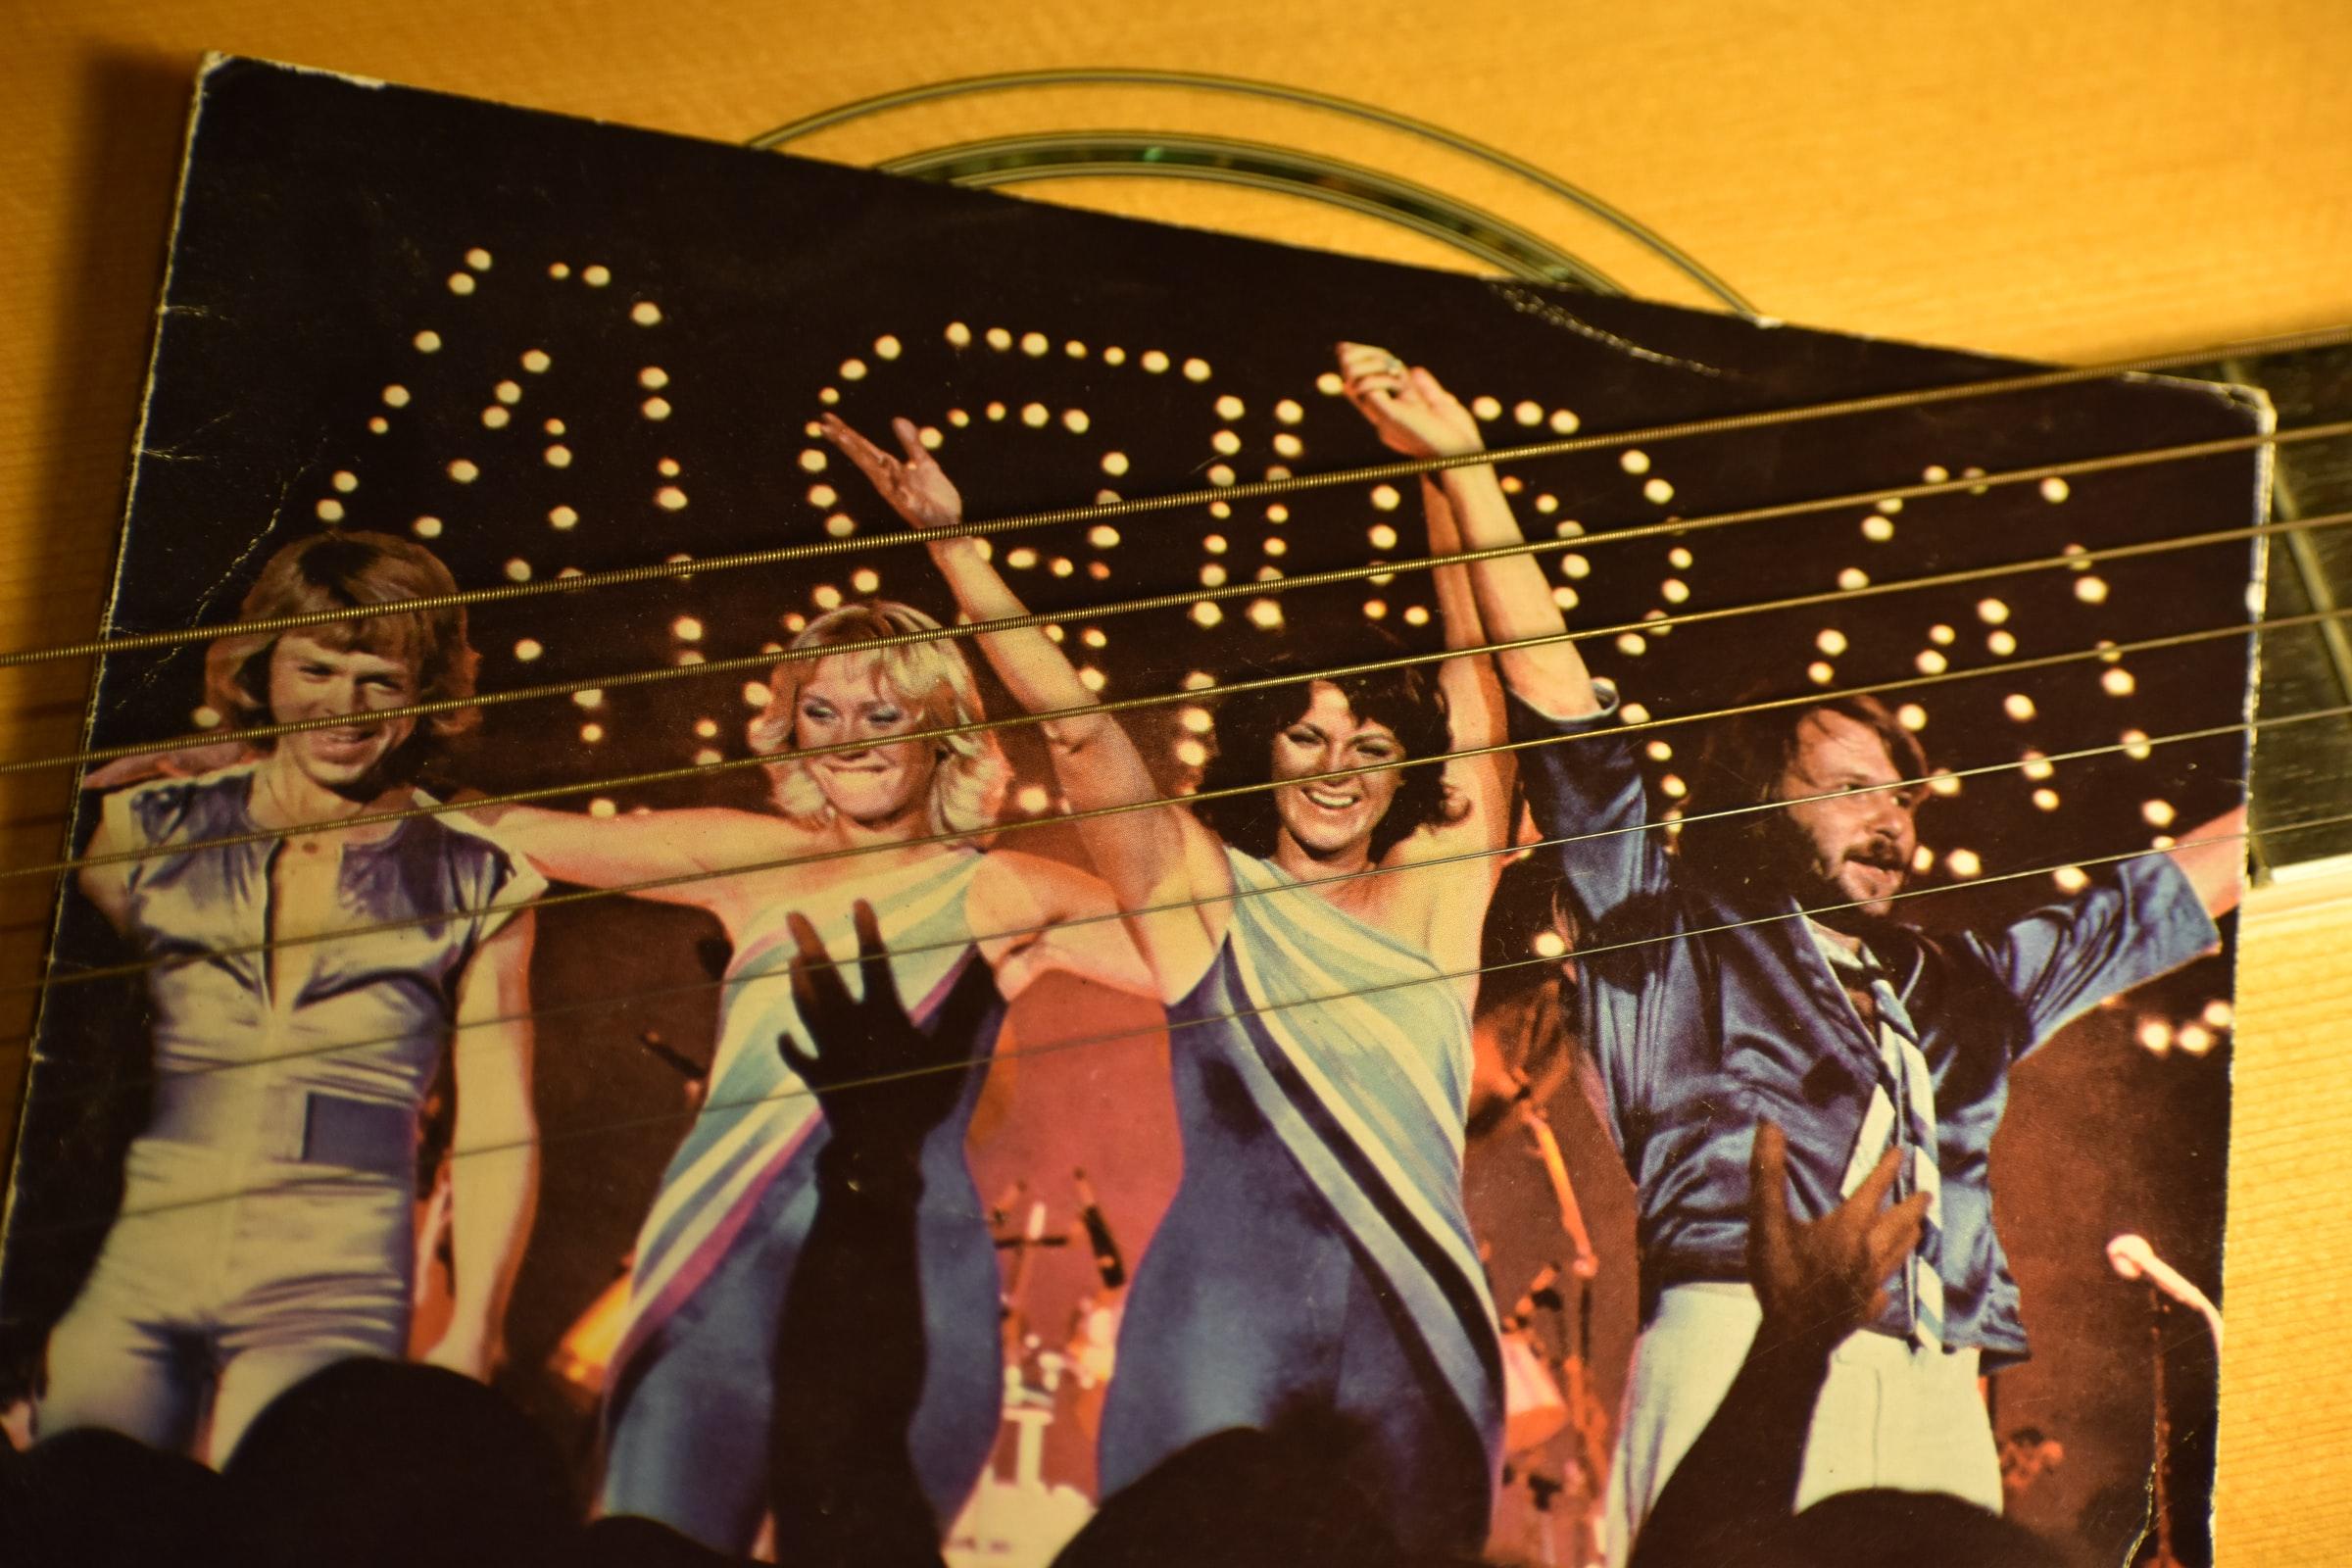 Группа ABBA собирается выпустить новую музыку. Впервые за 39 лет